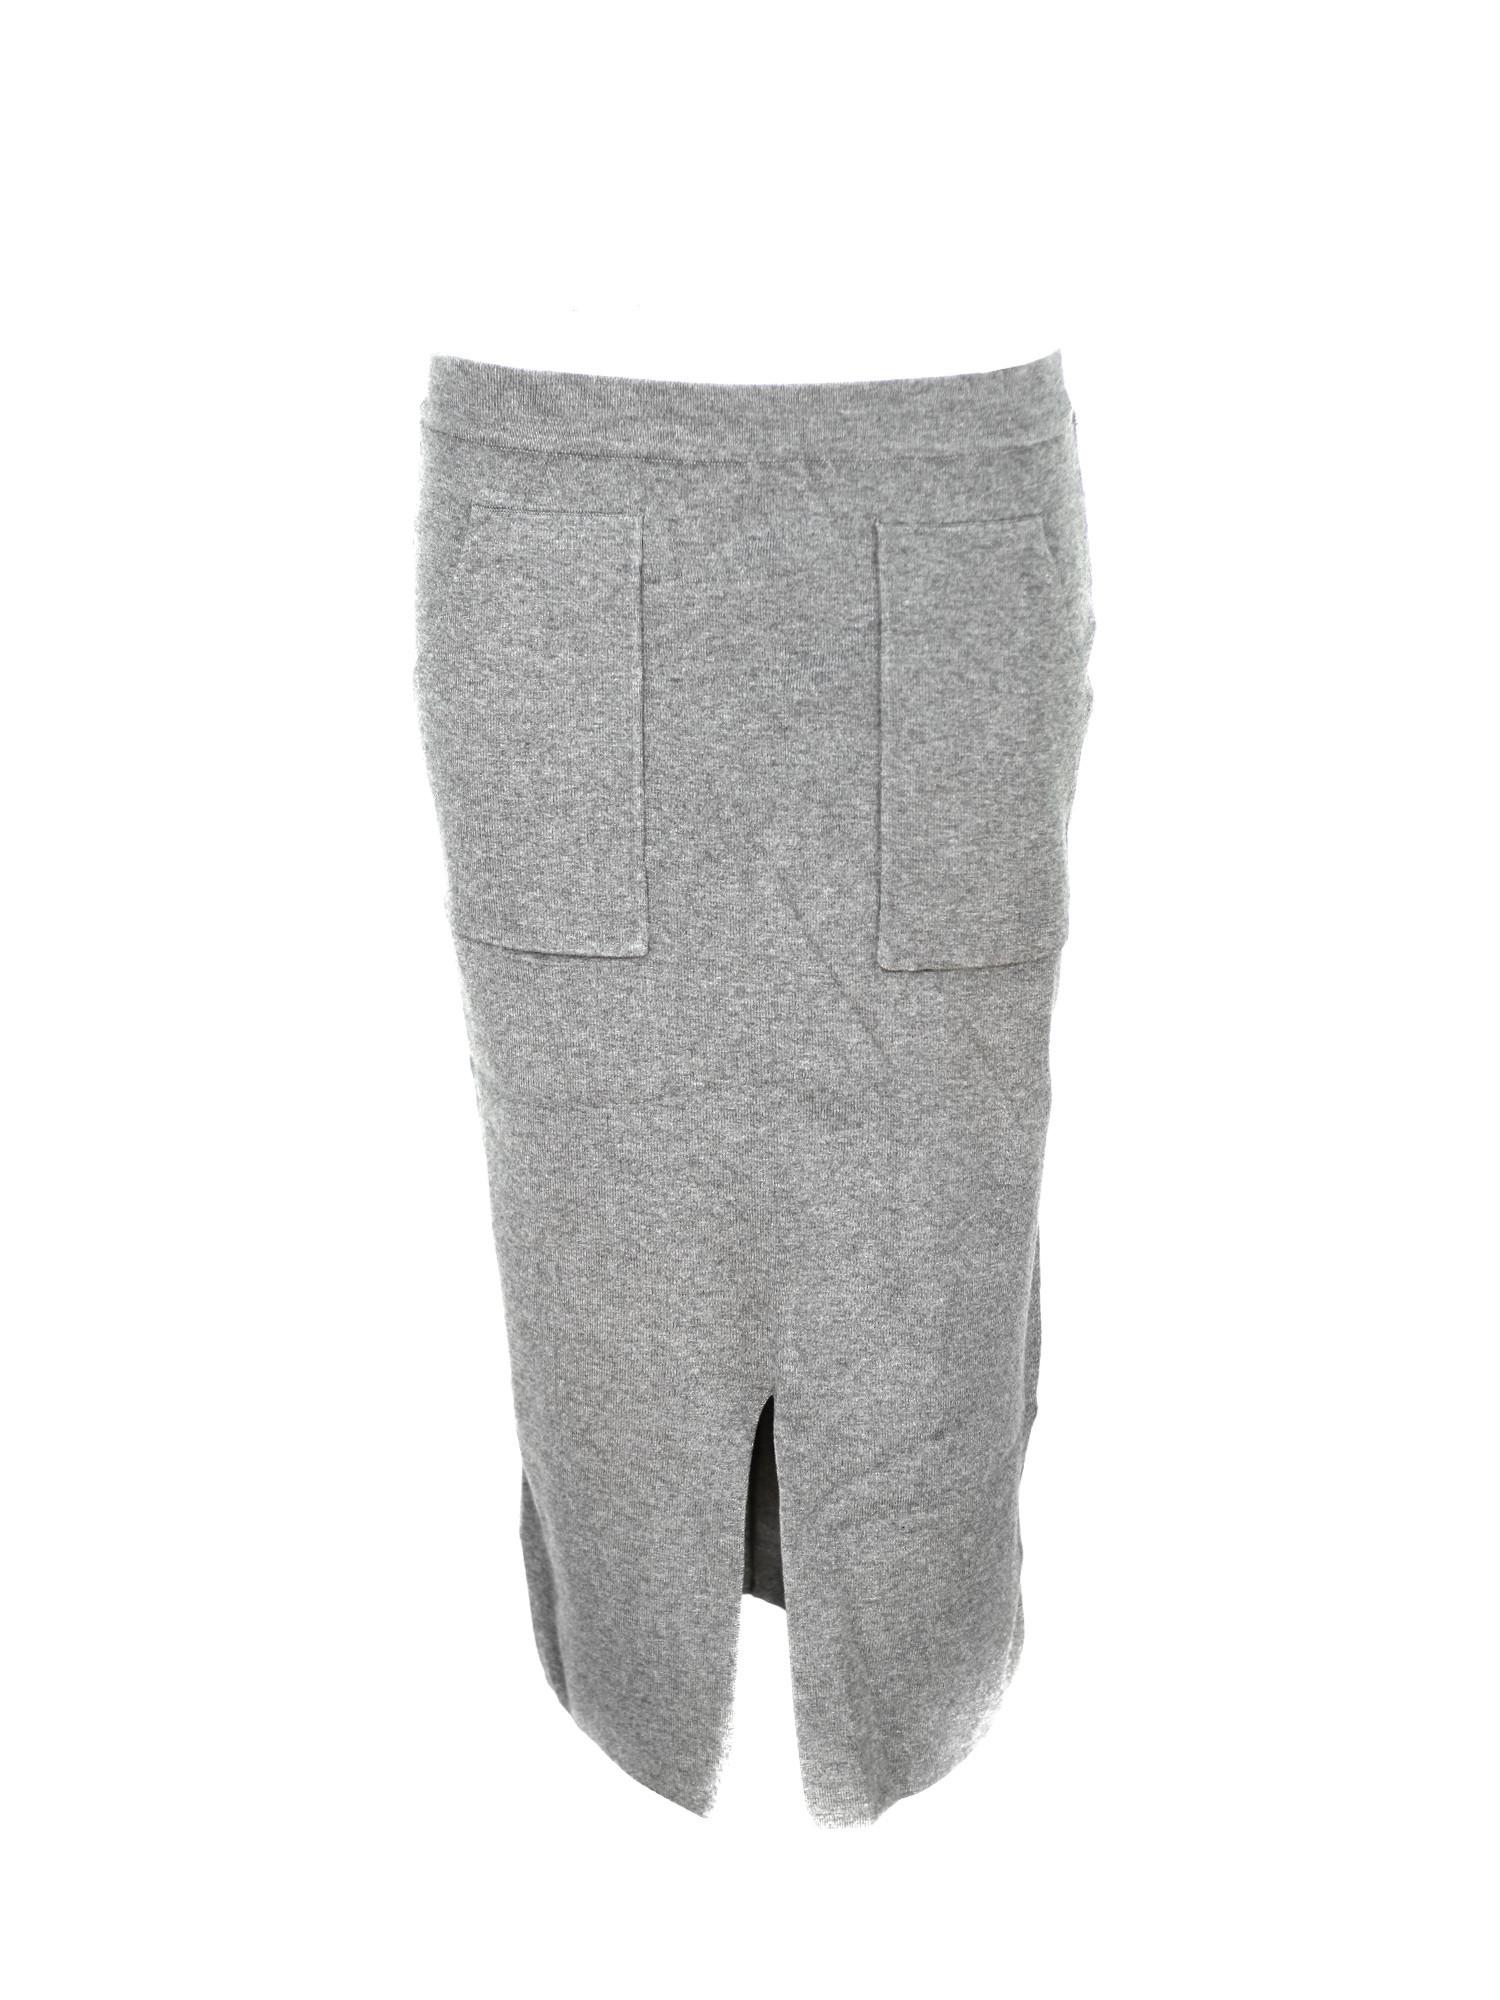 Dámska sukňa 27094 Chic - Gemini šedá L / XL